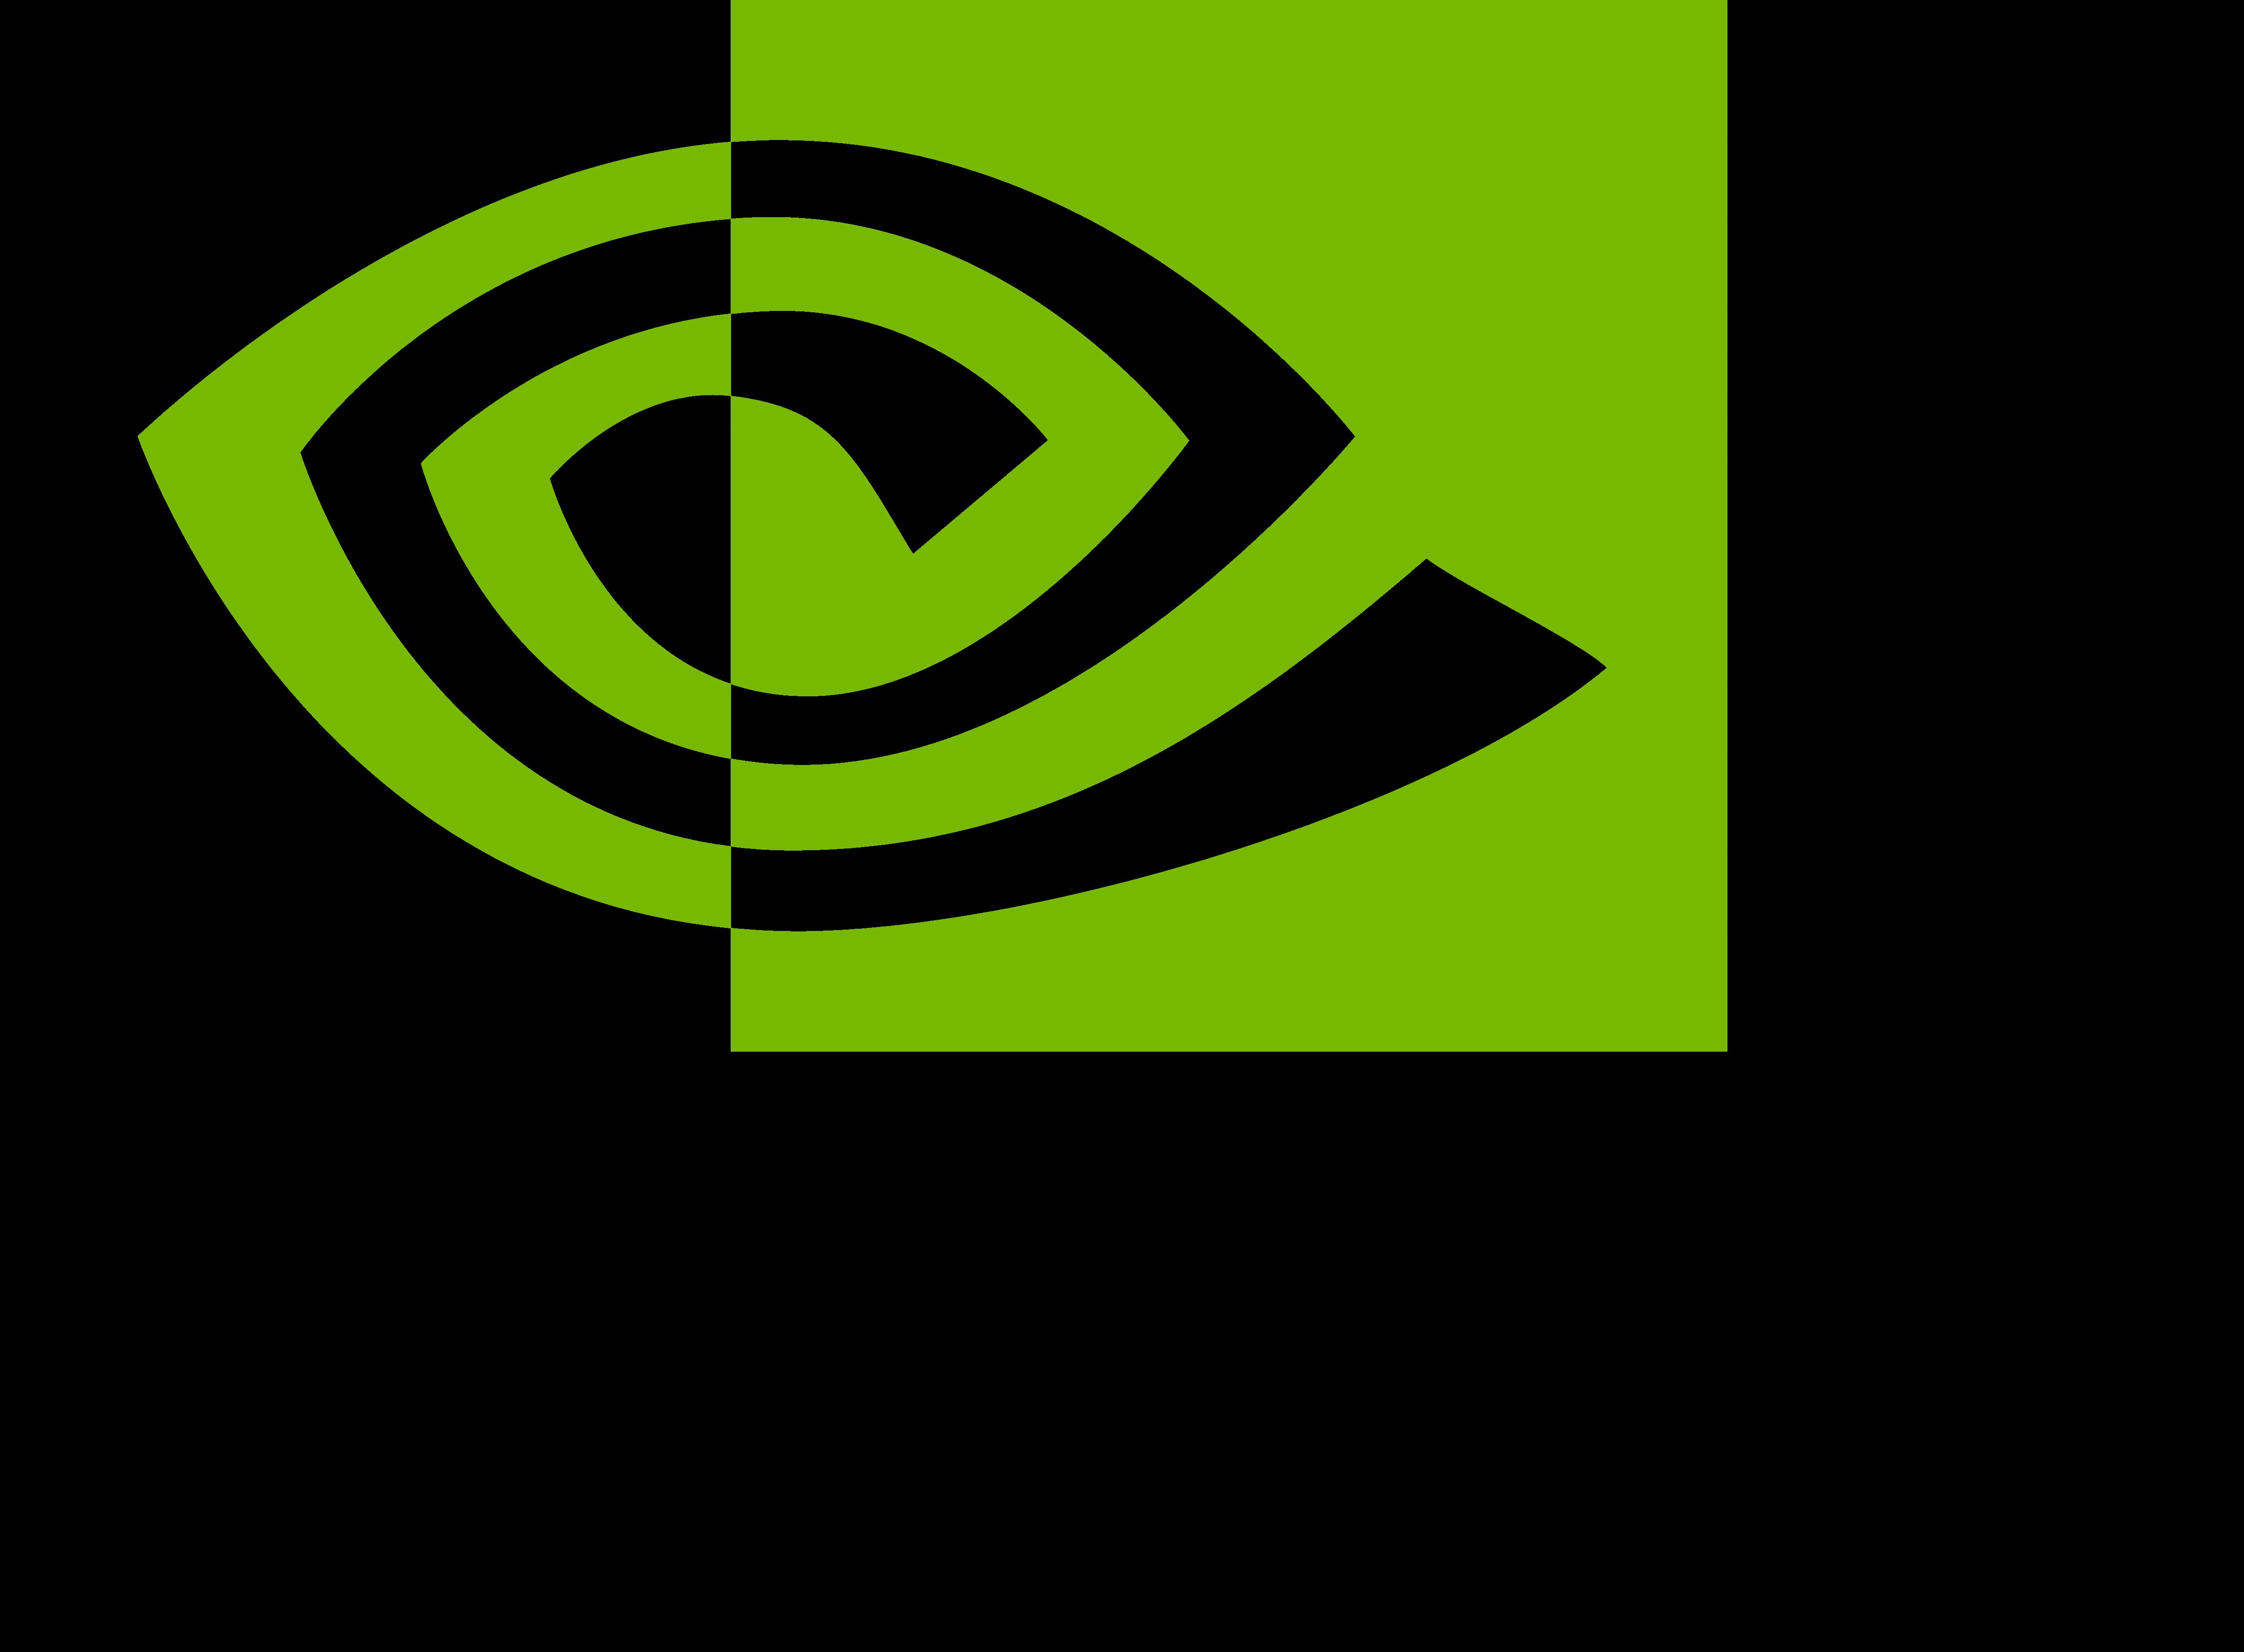 Nvidia – Logos Download - Nvidia Logo PNG